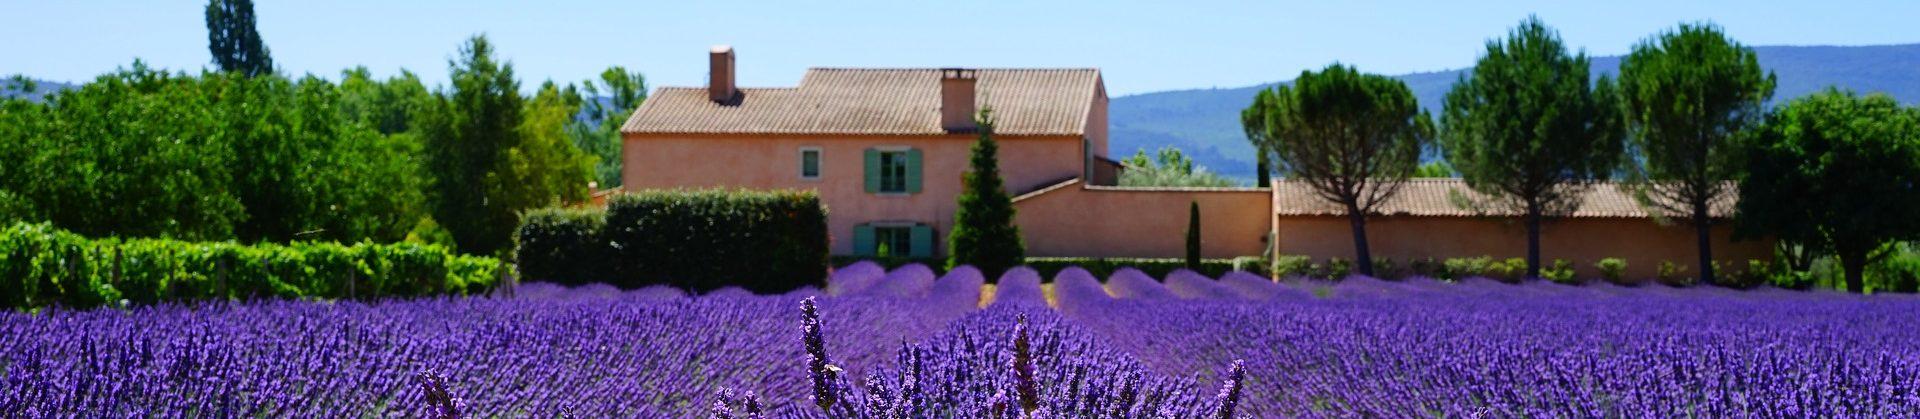 Kategorie: Lavendel